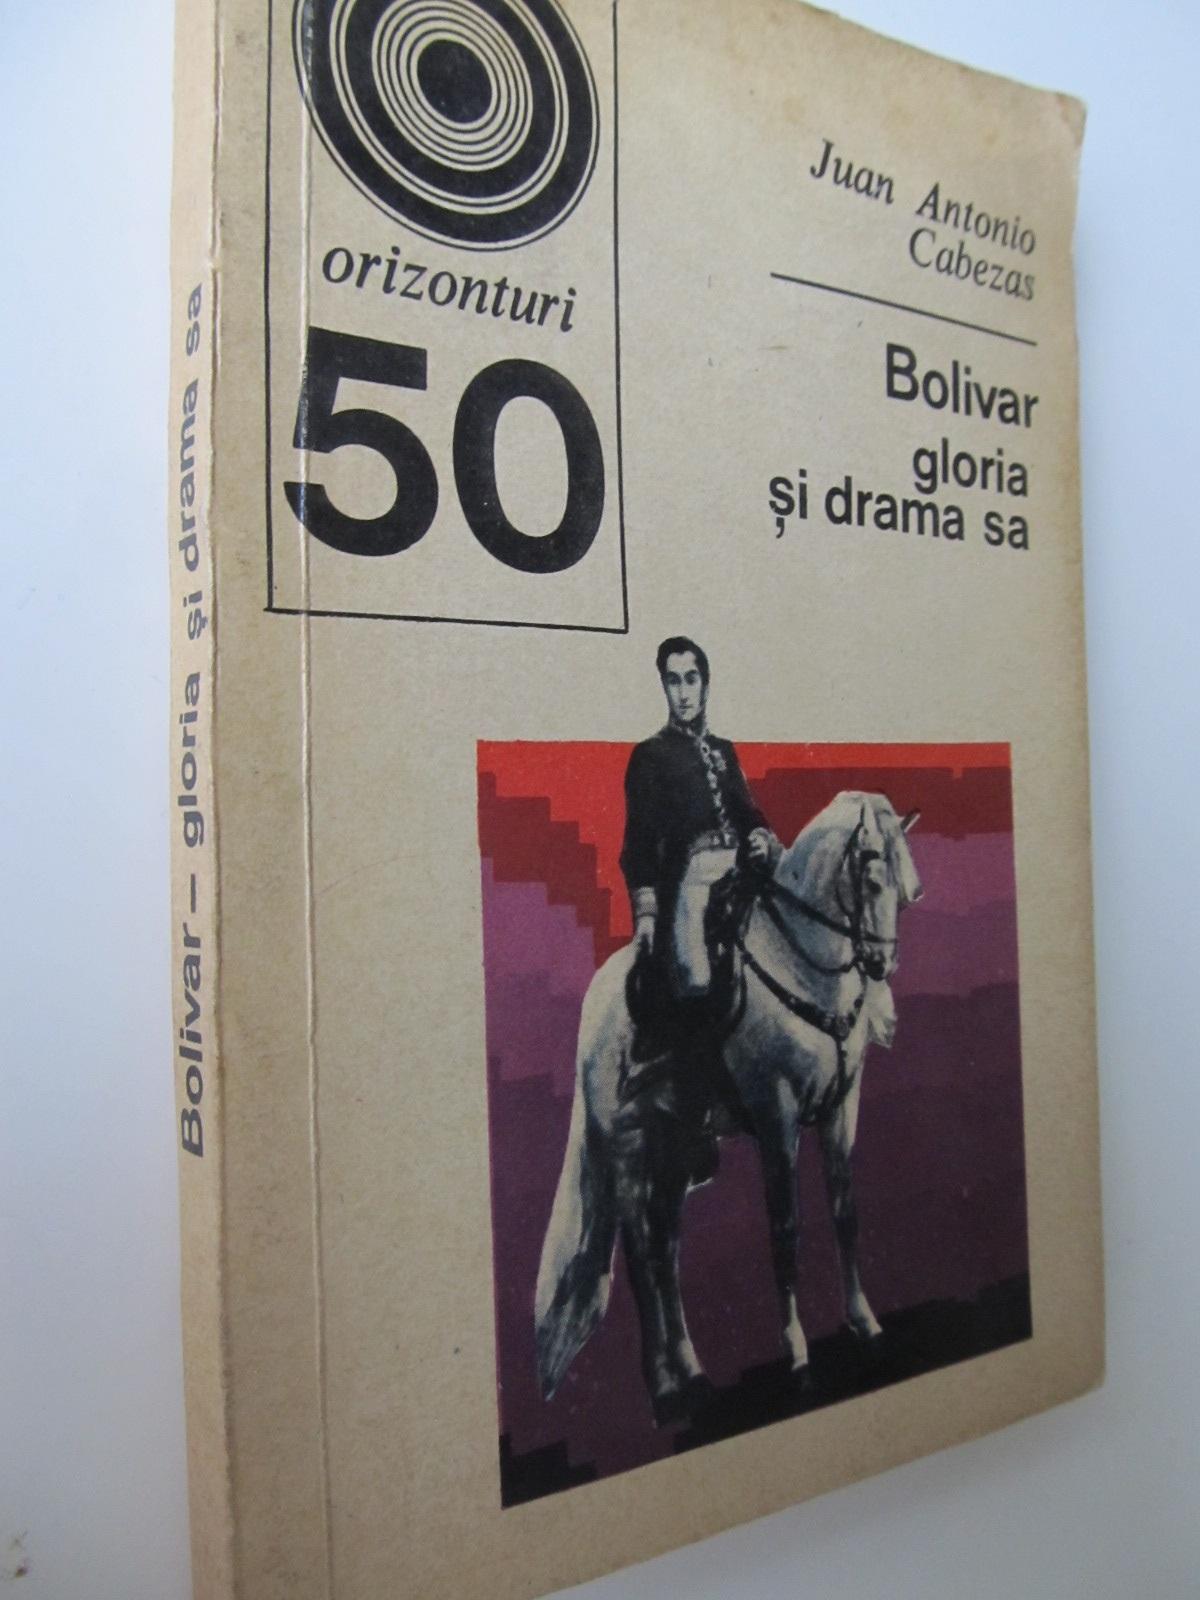 Bolivar gloria si drama sa (50) - Juan Antonio Cabezas | Detalii carte